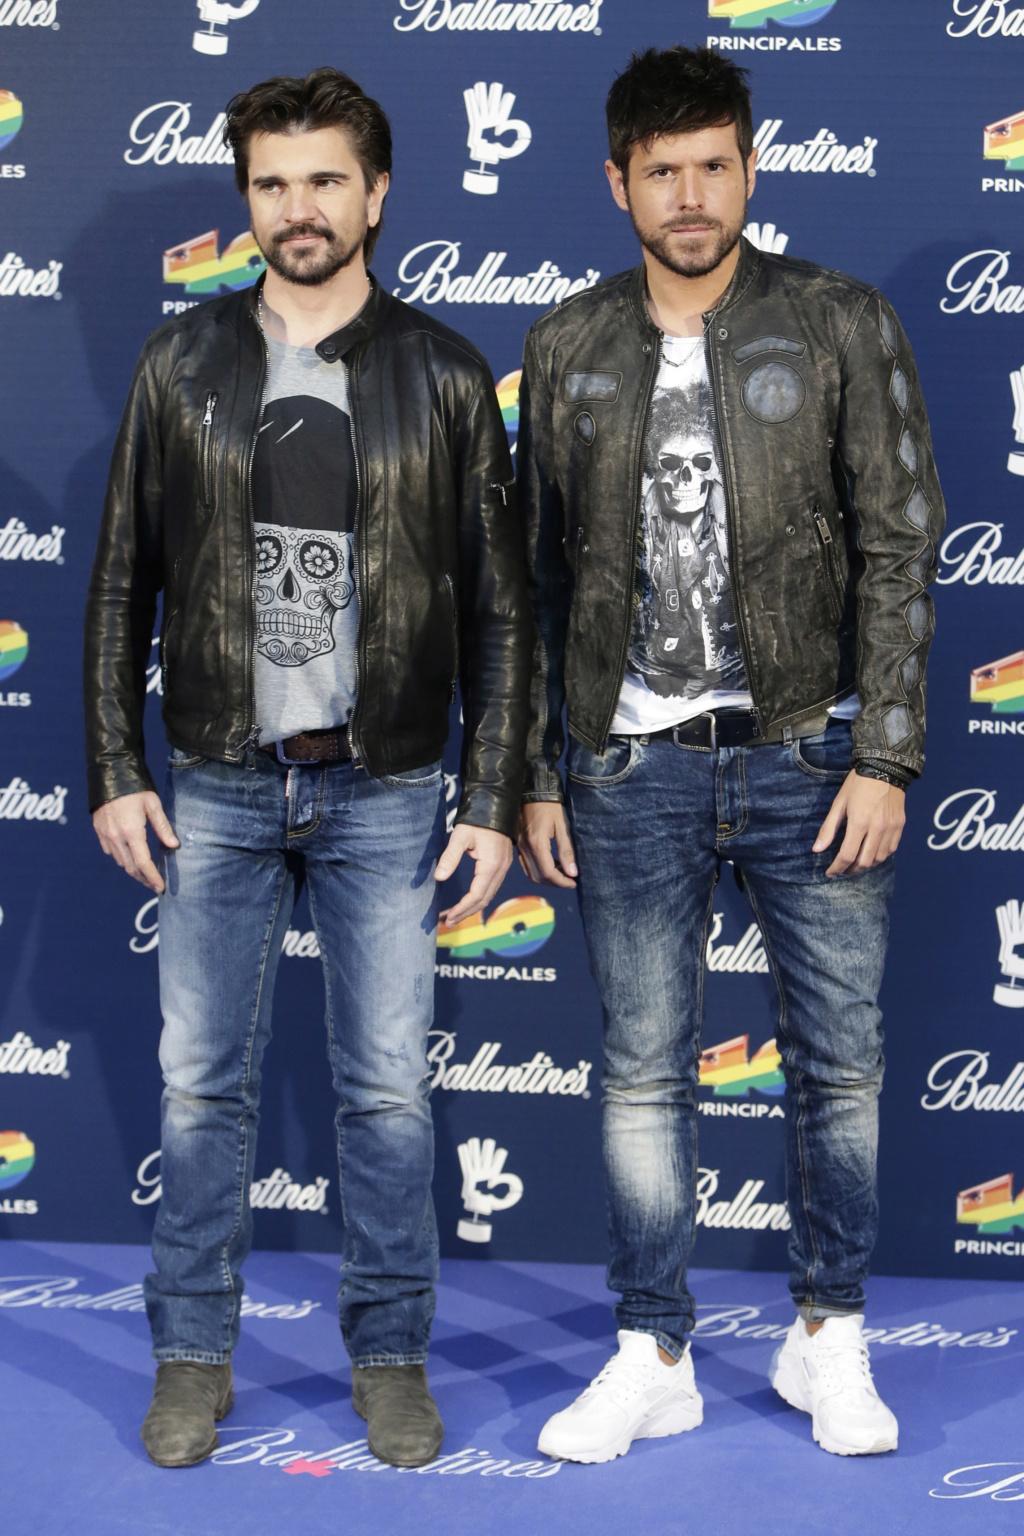 ¿Cuánto mide Juanes? - Altura - Real height - Página 5 Los-ca10